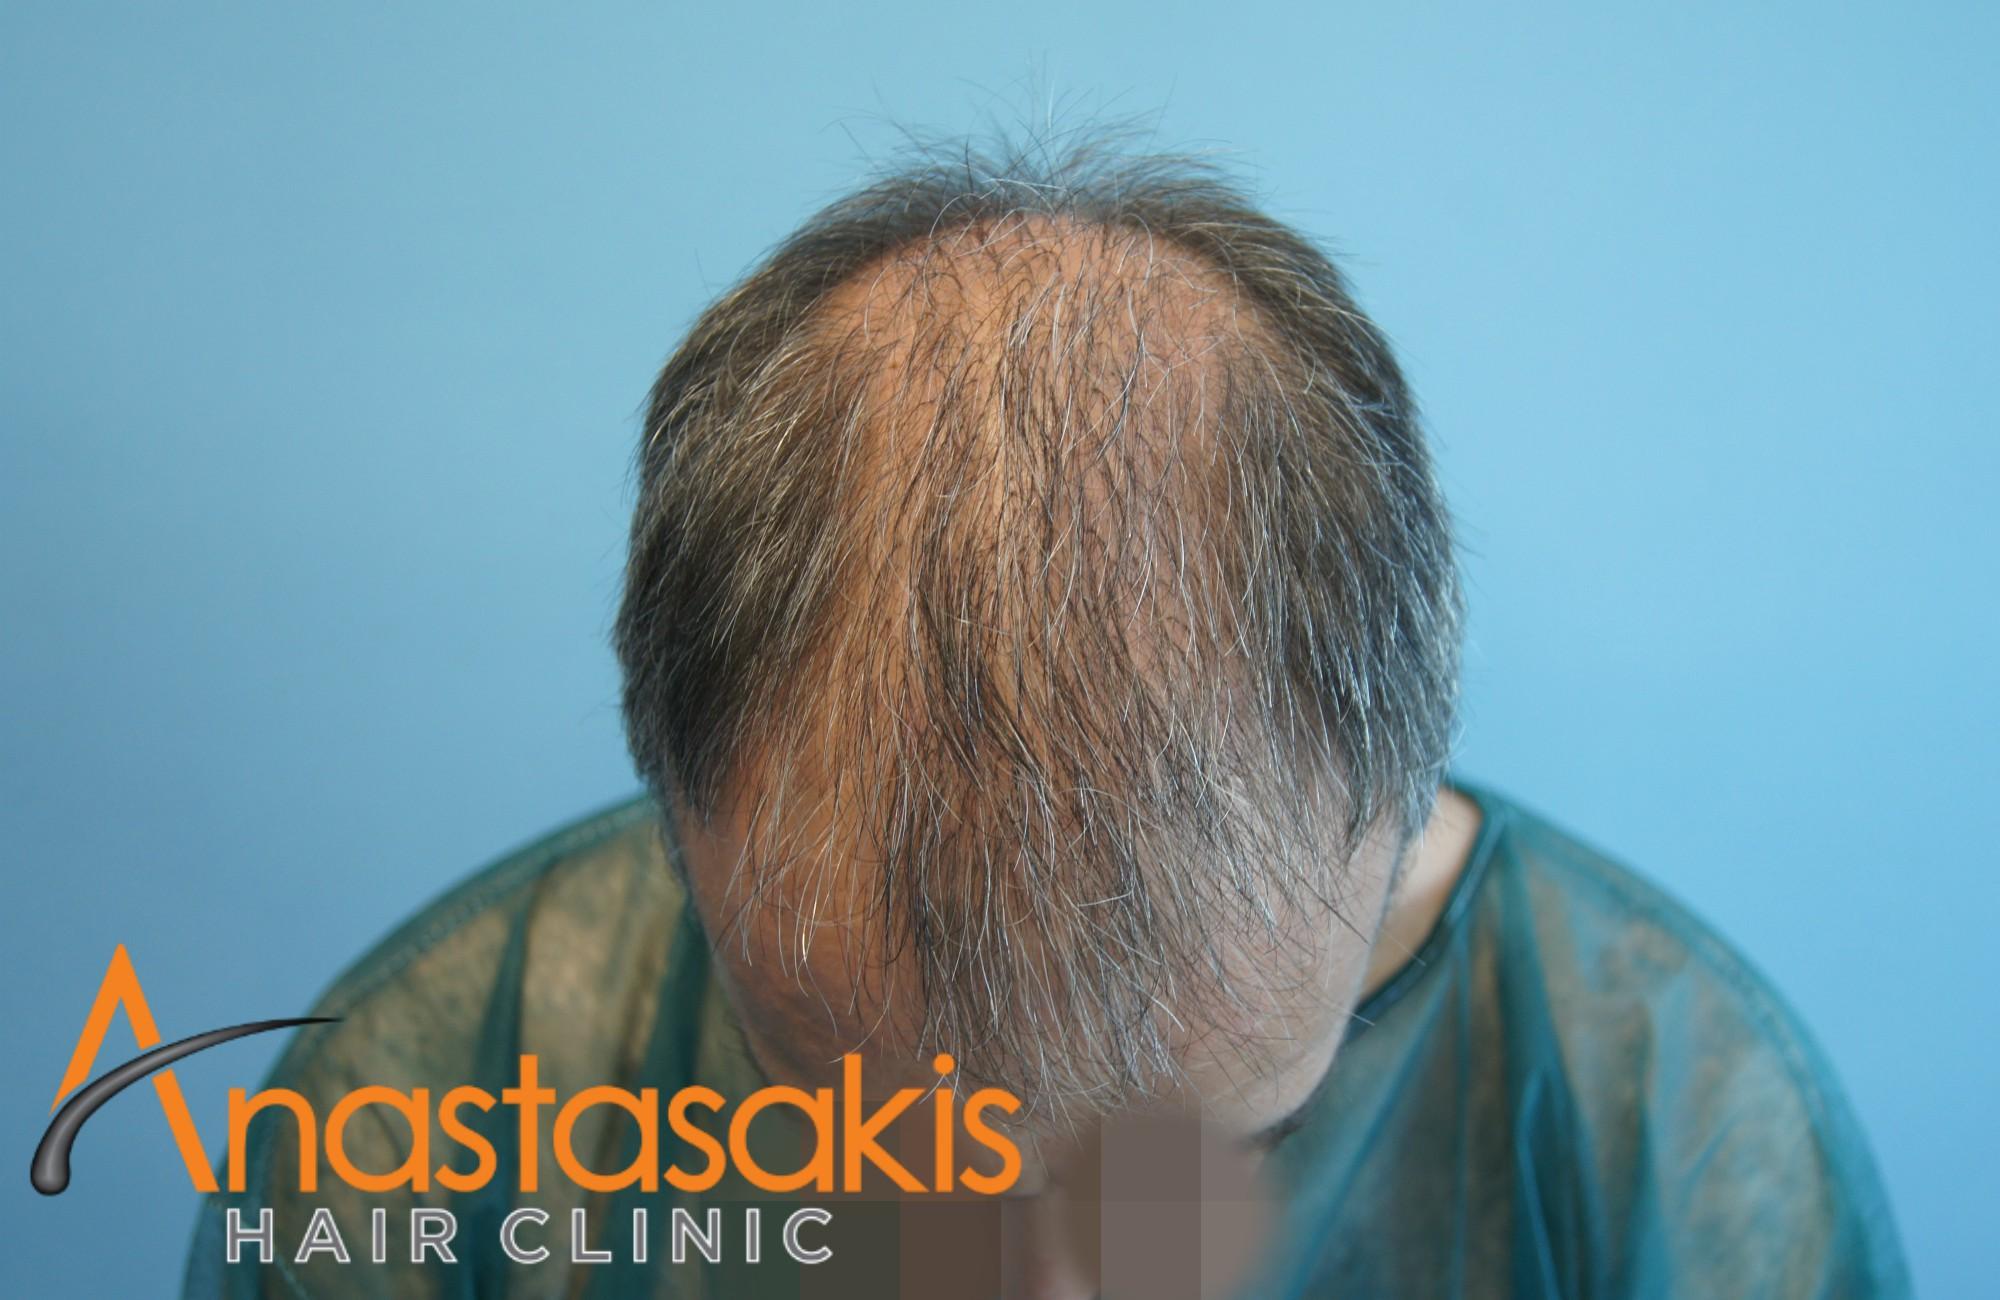 προσθια περιοχη ασθενους πριν την εμφύτευση μαλλιων με 3500 fus